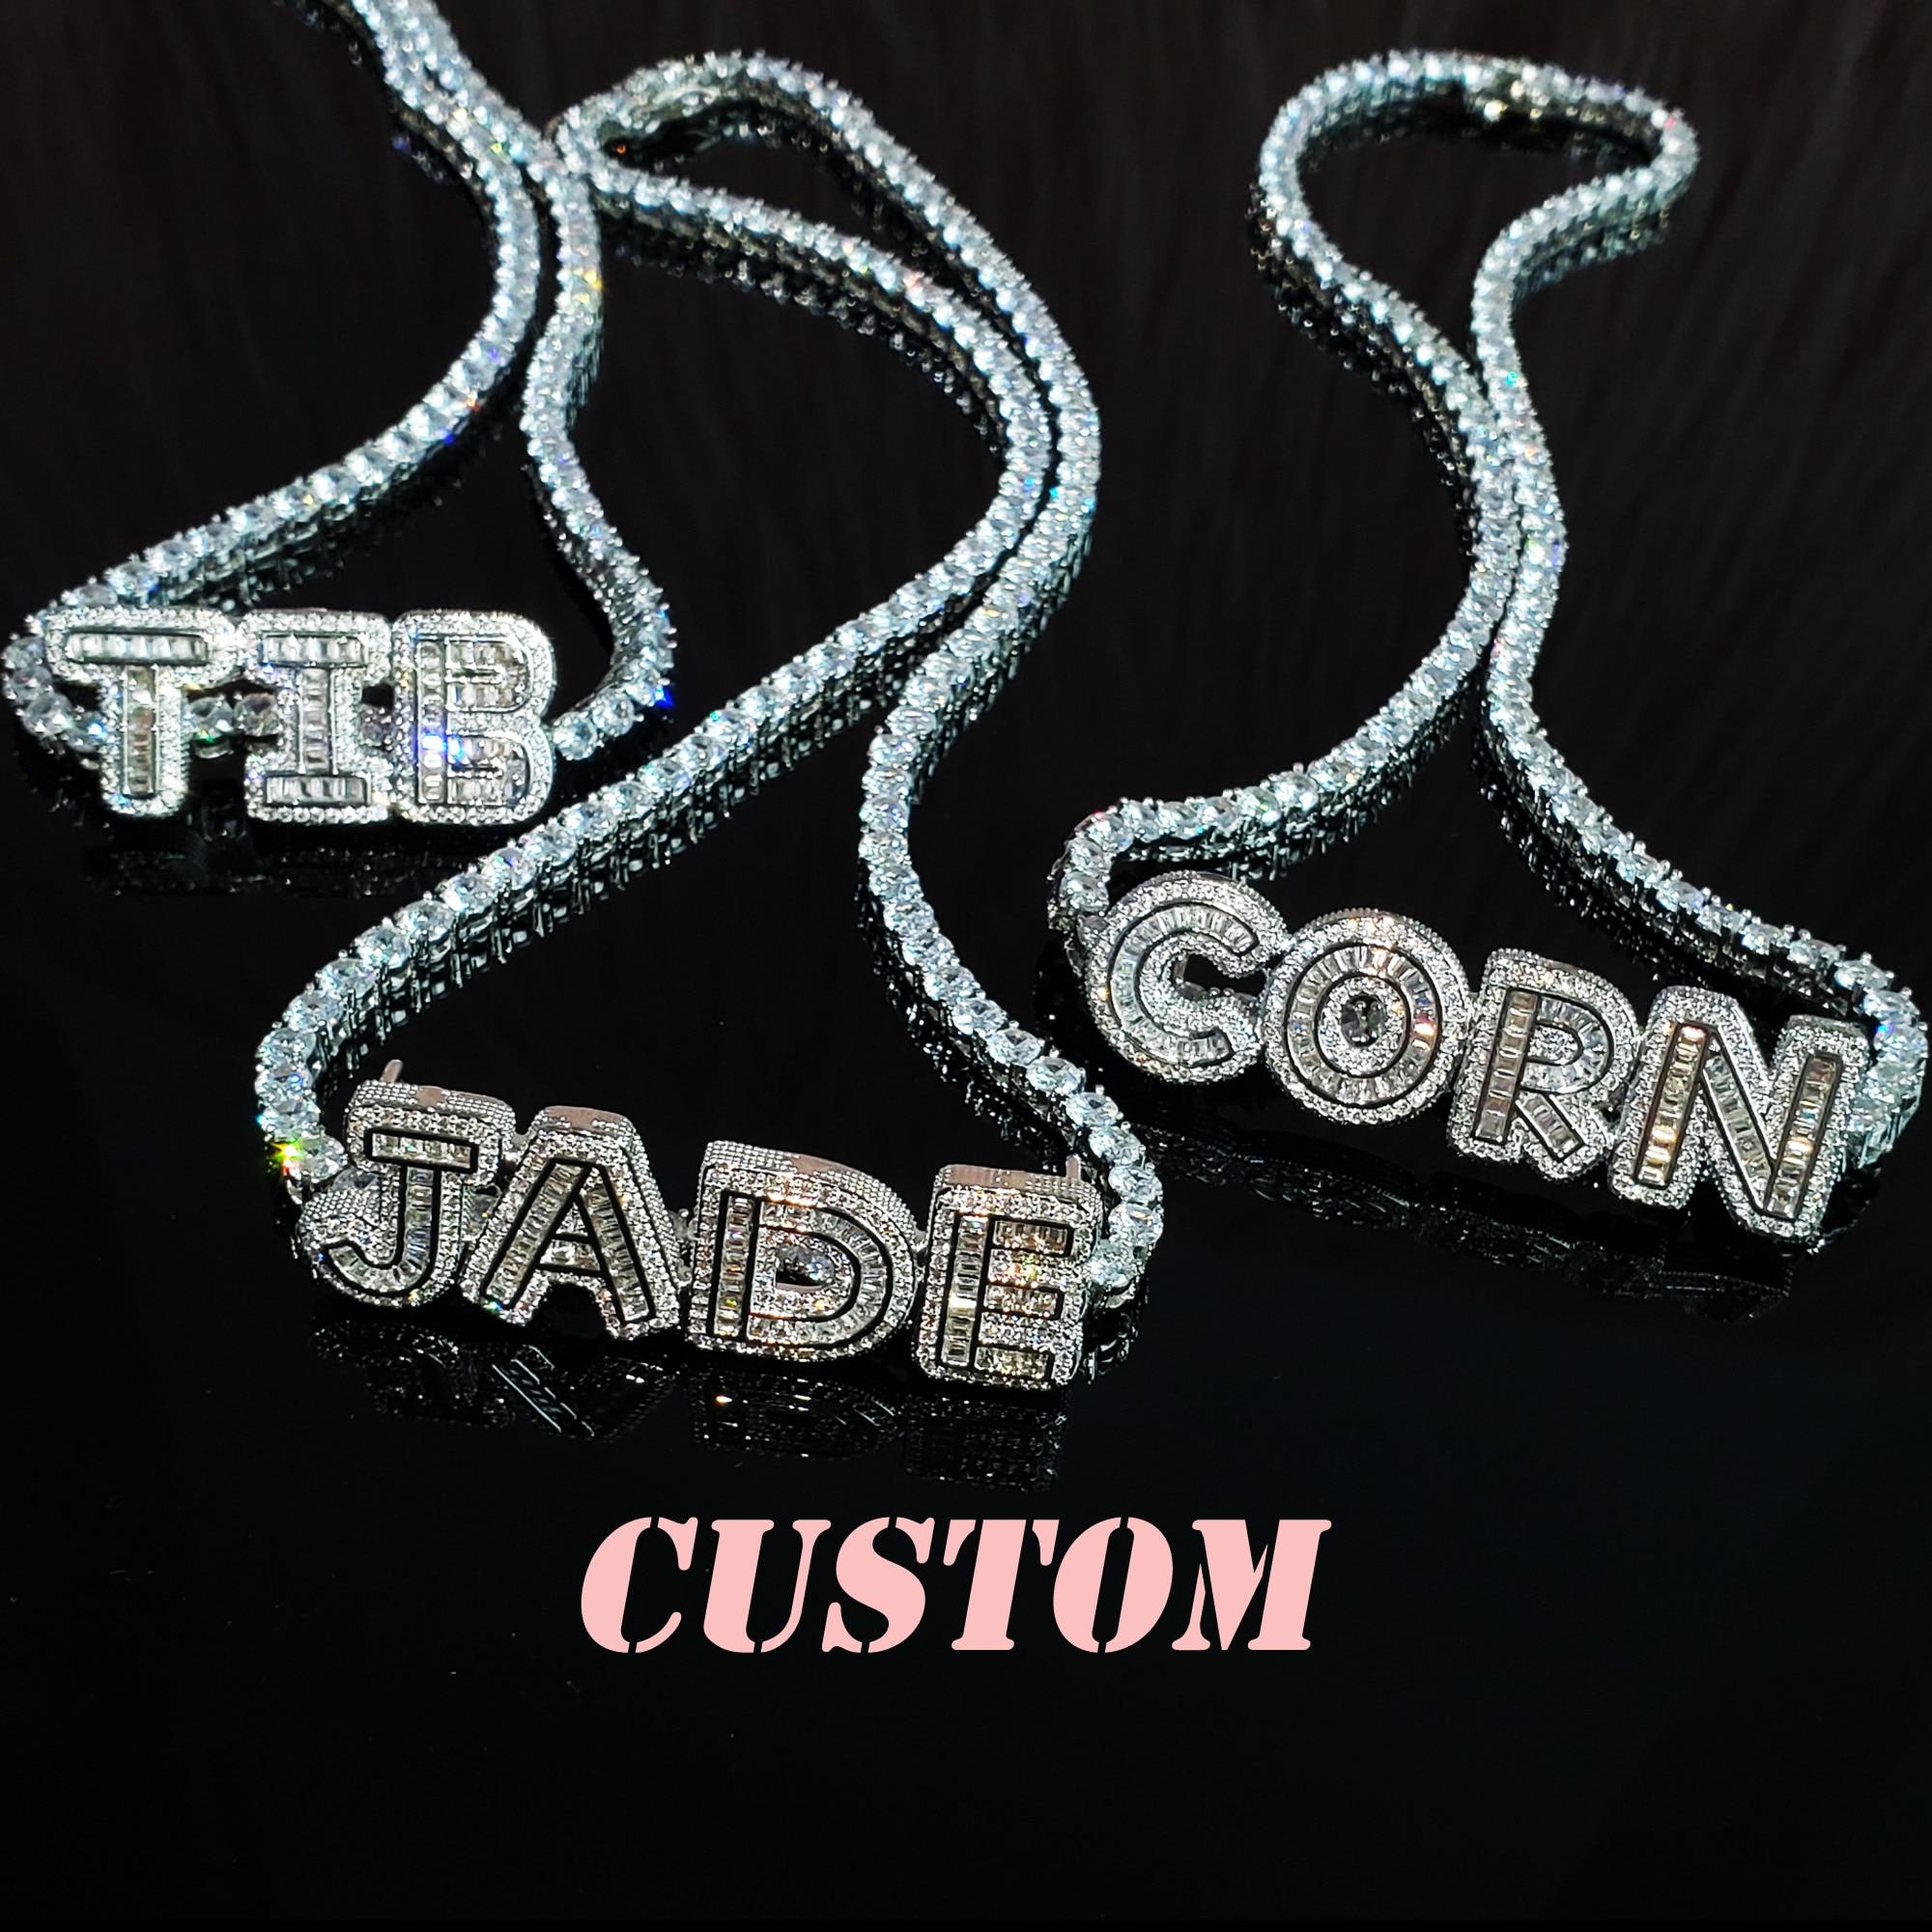 Оригинальное наименование, комбинированная стандартная теннисная цепь, персонализированное название, модные аксессуары